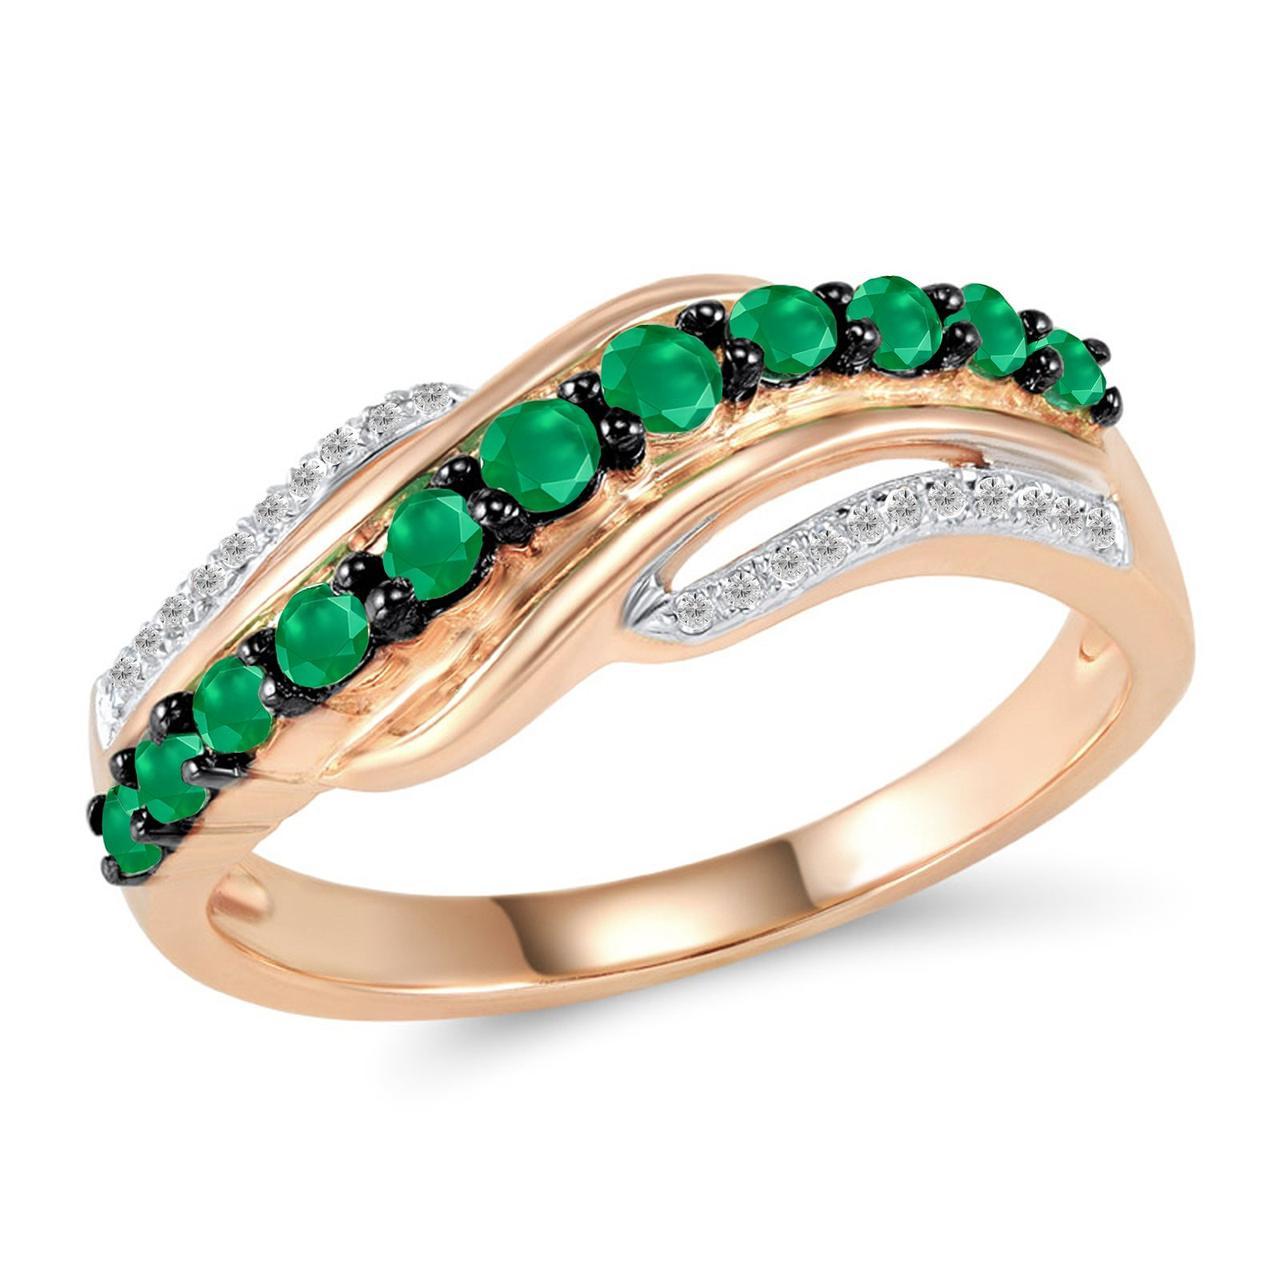 Золотое кольцо с бриллиантами и изумрудами, размер 16.5 (1681443)